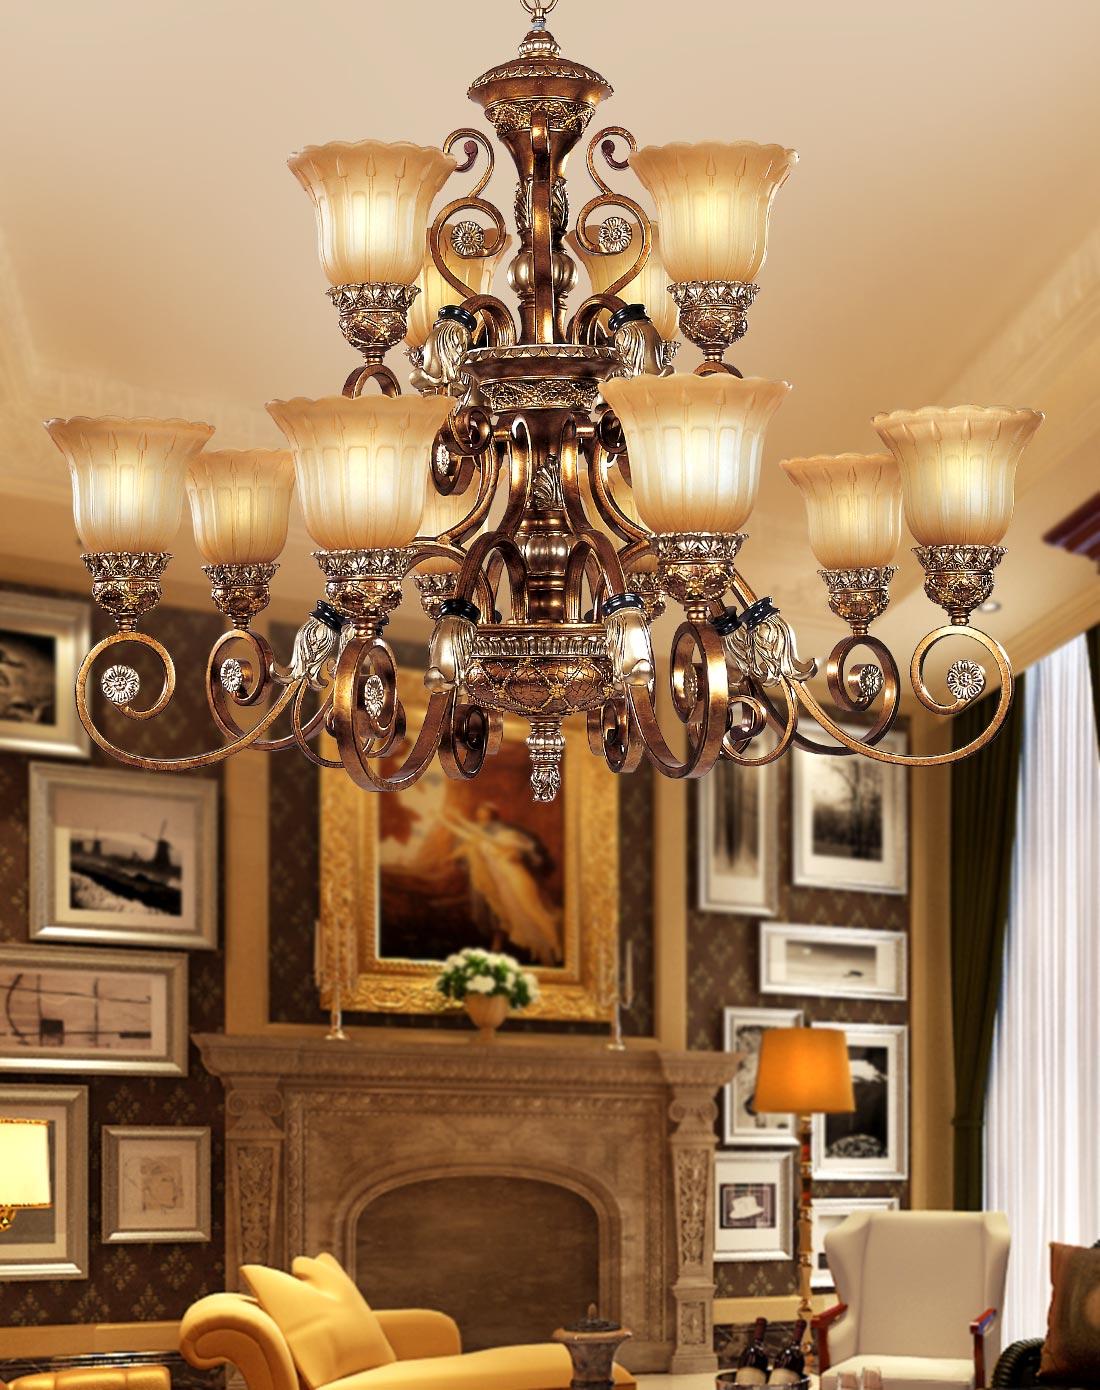 客厅吊灯款式,客厅吊灯图片赏析